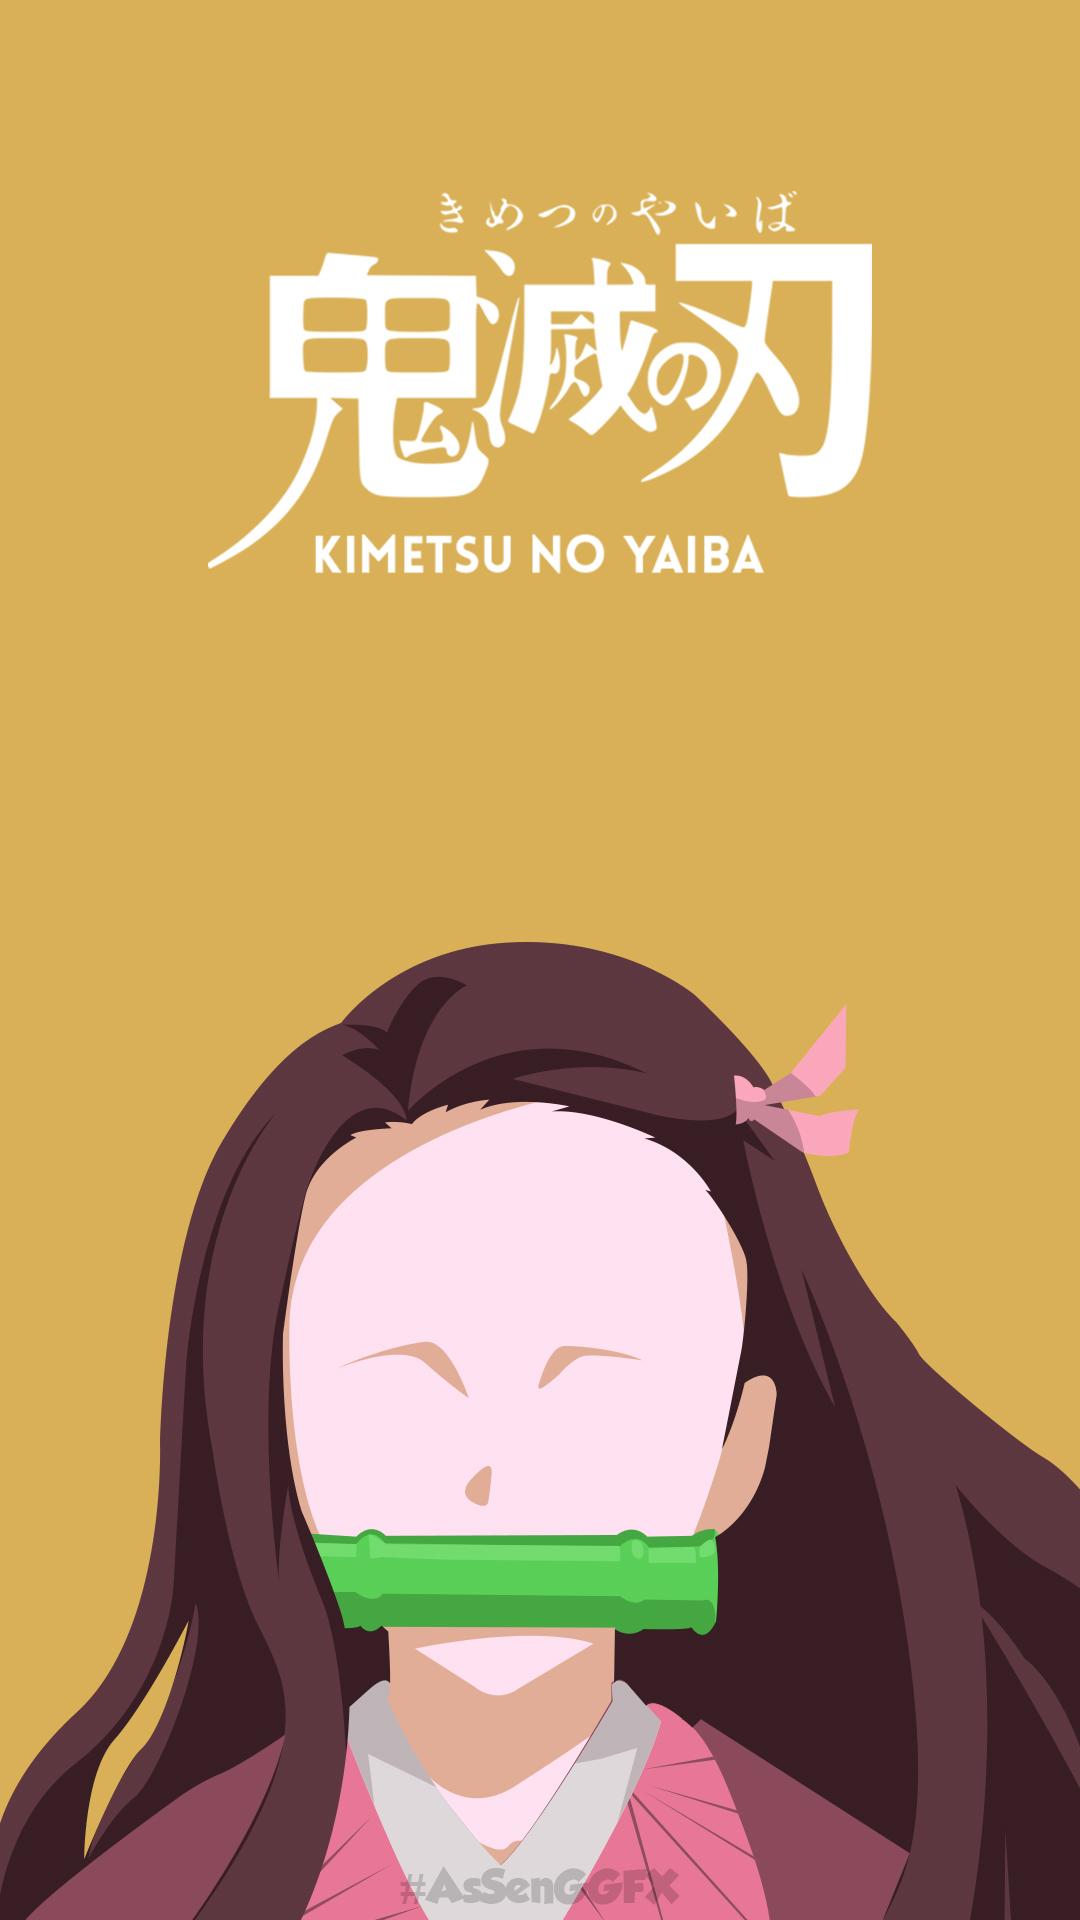 Kimetsu No Yaiba Mobile Wallpaper By Assenggfx On Deviantart